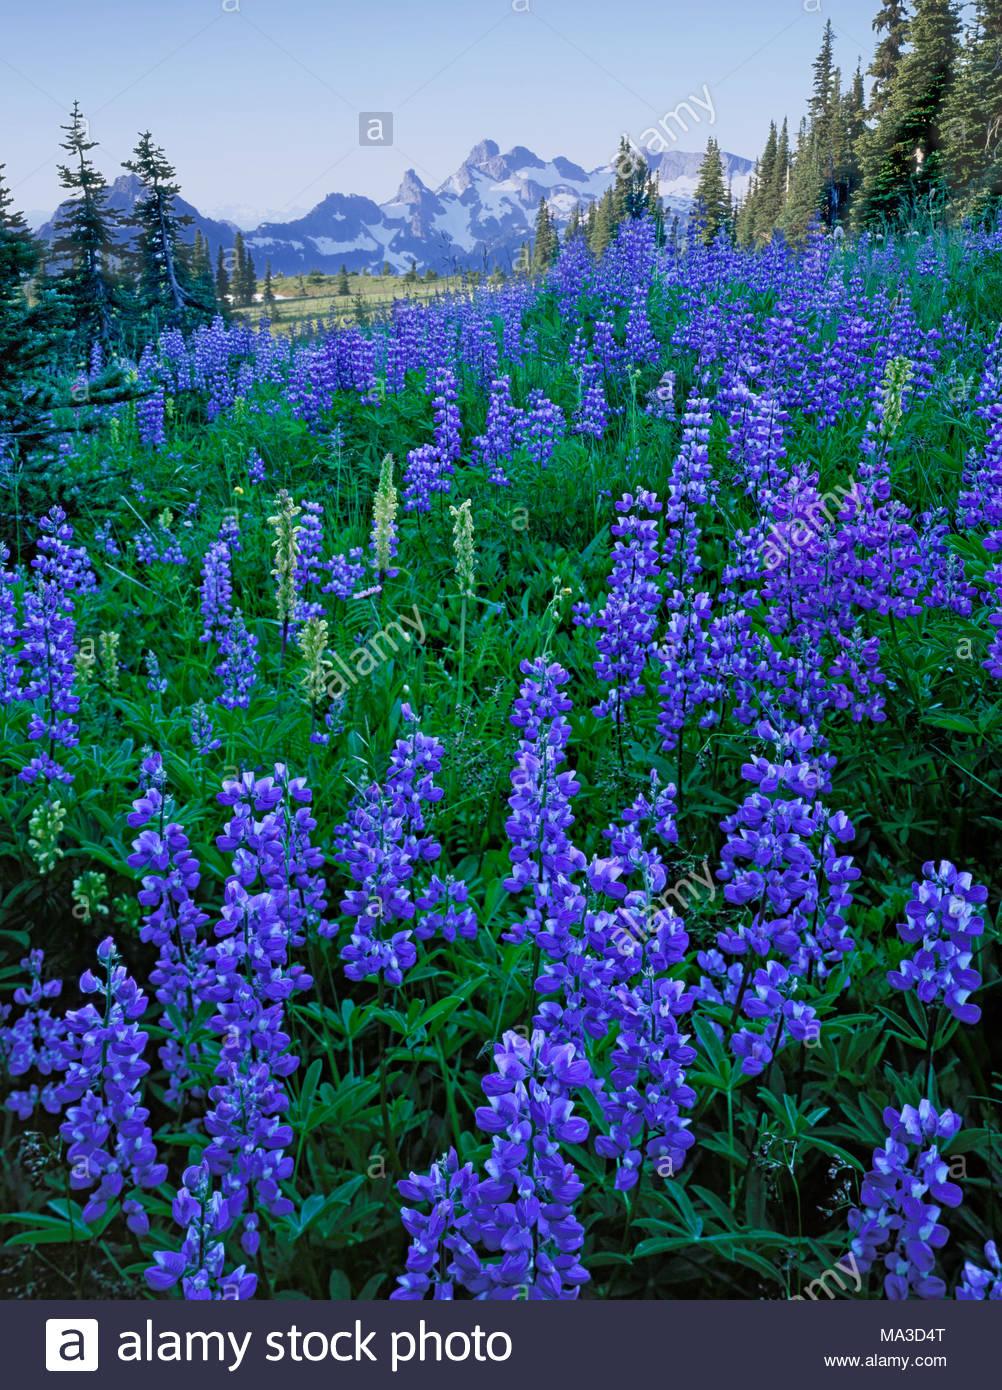 Fiori Selvatici, il Parco Nazionale del Monte Rainier, Washington Immagini Stock